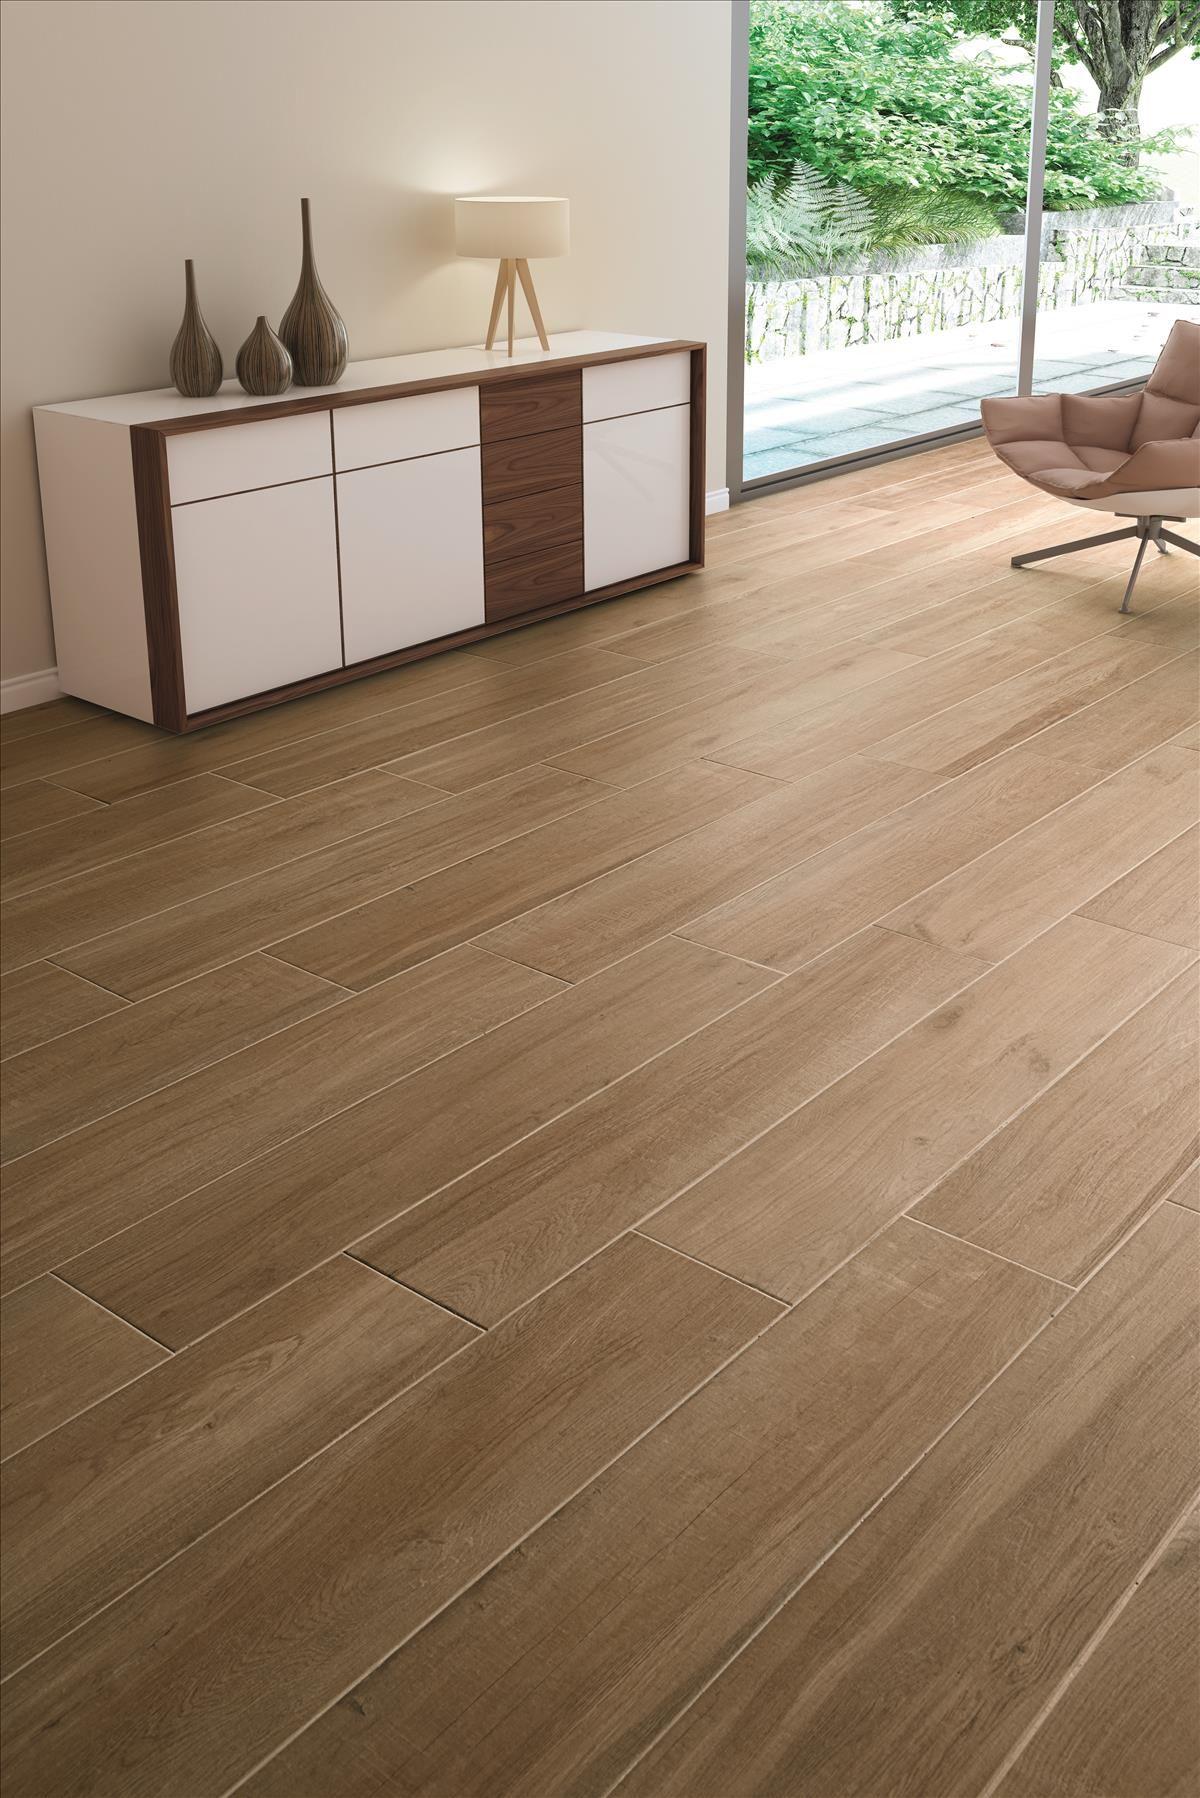 Pavimento imitaci n madera terk natural 1 23x120 pisos - Ceramico imitacion madera ...